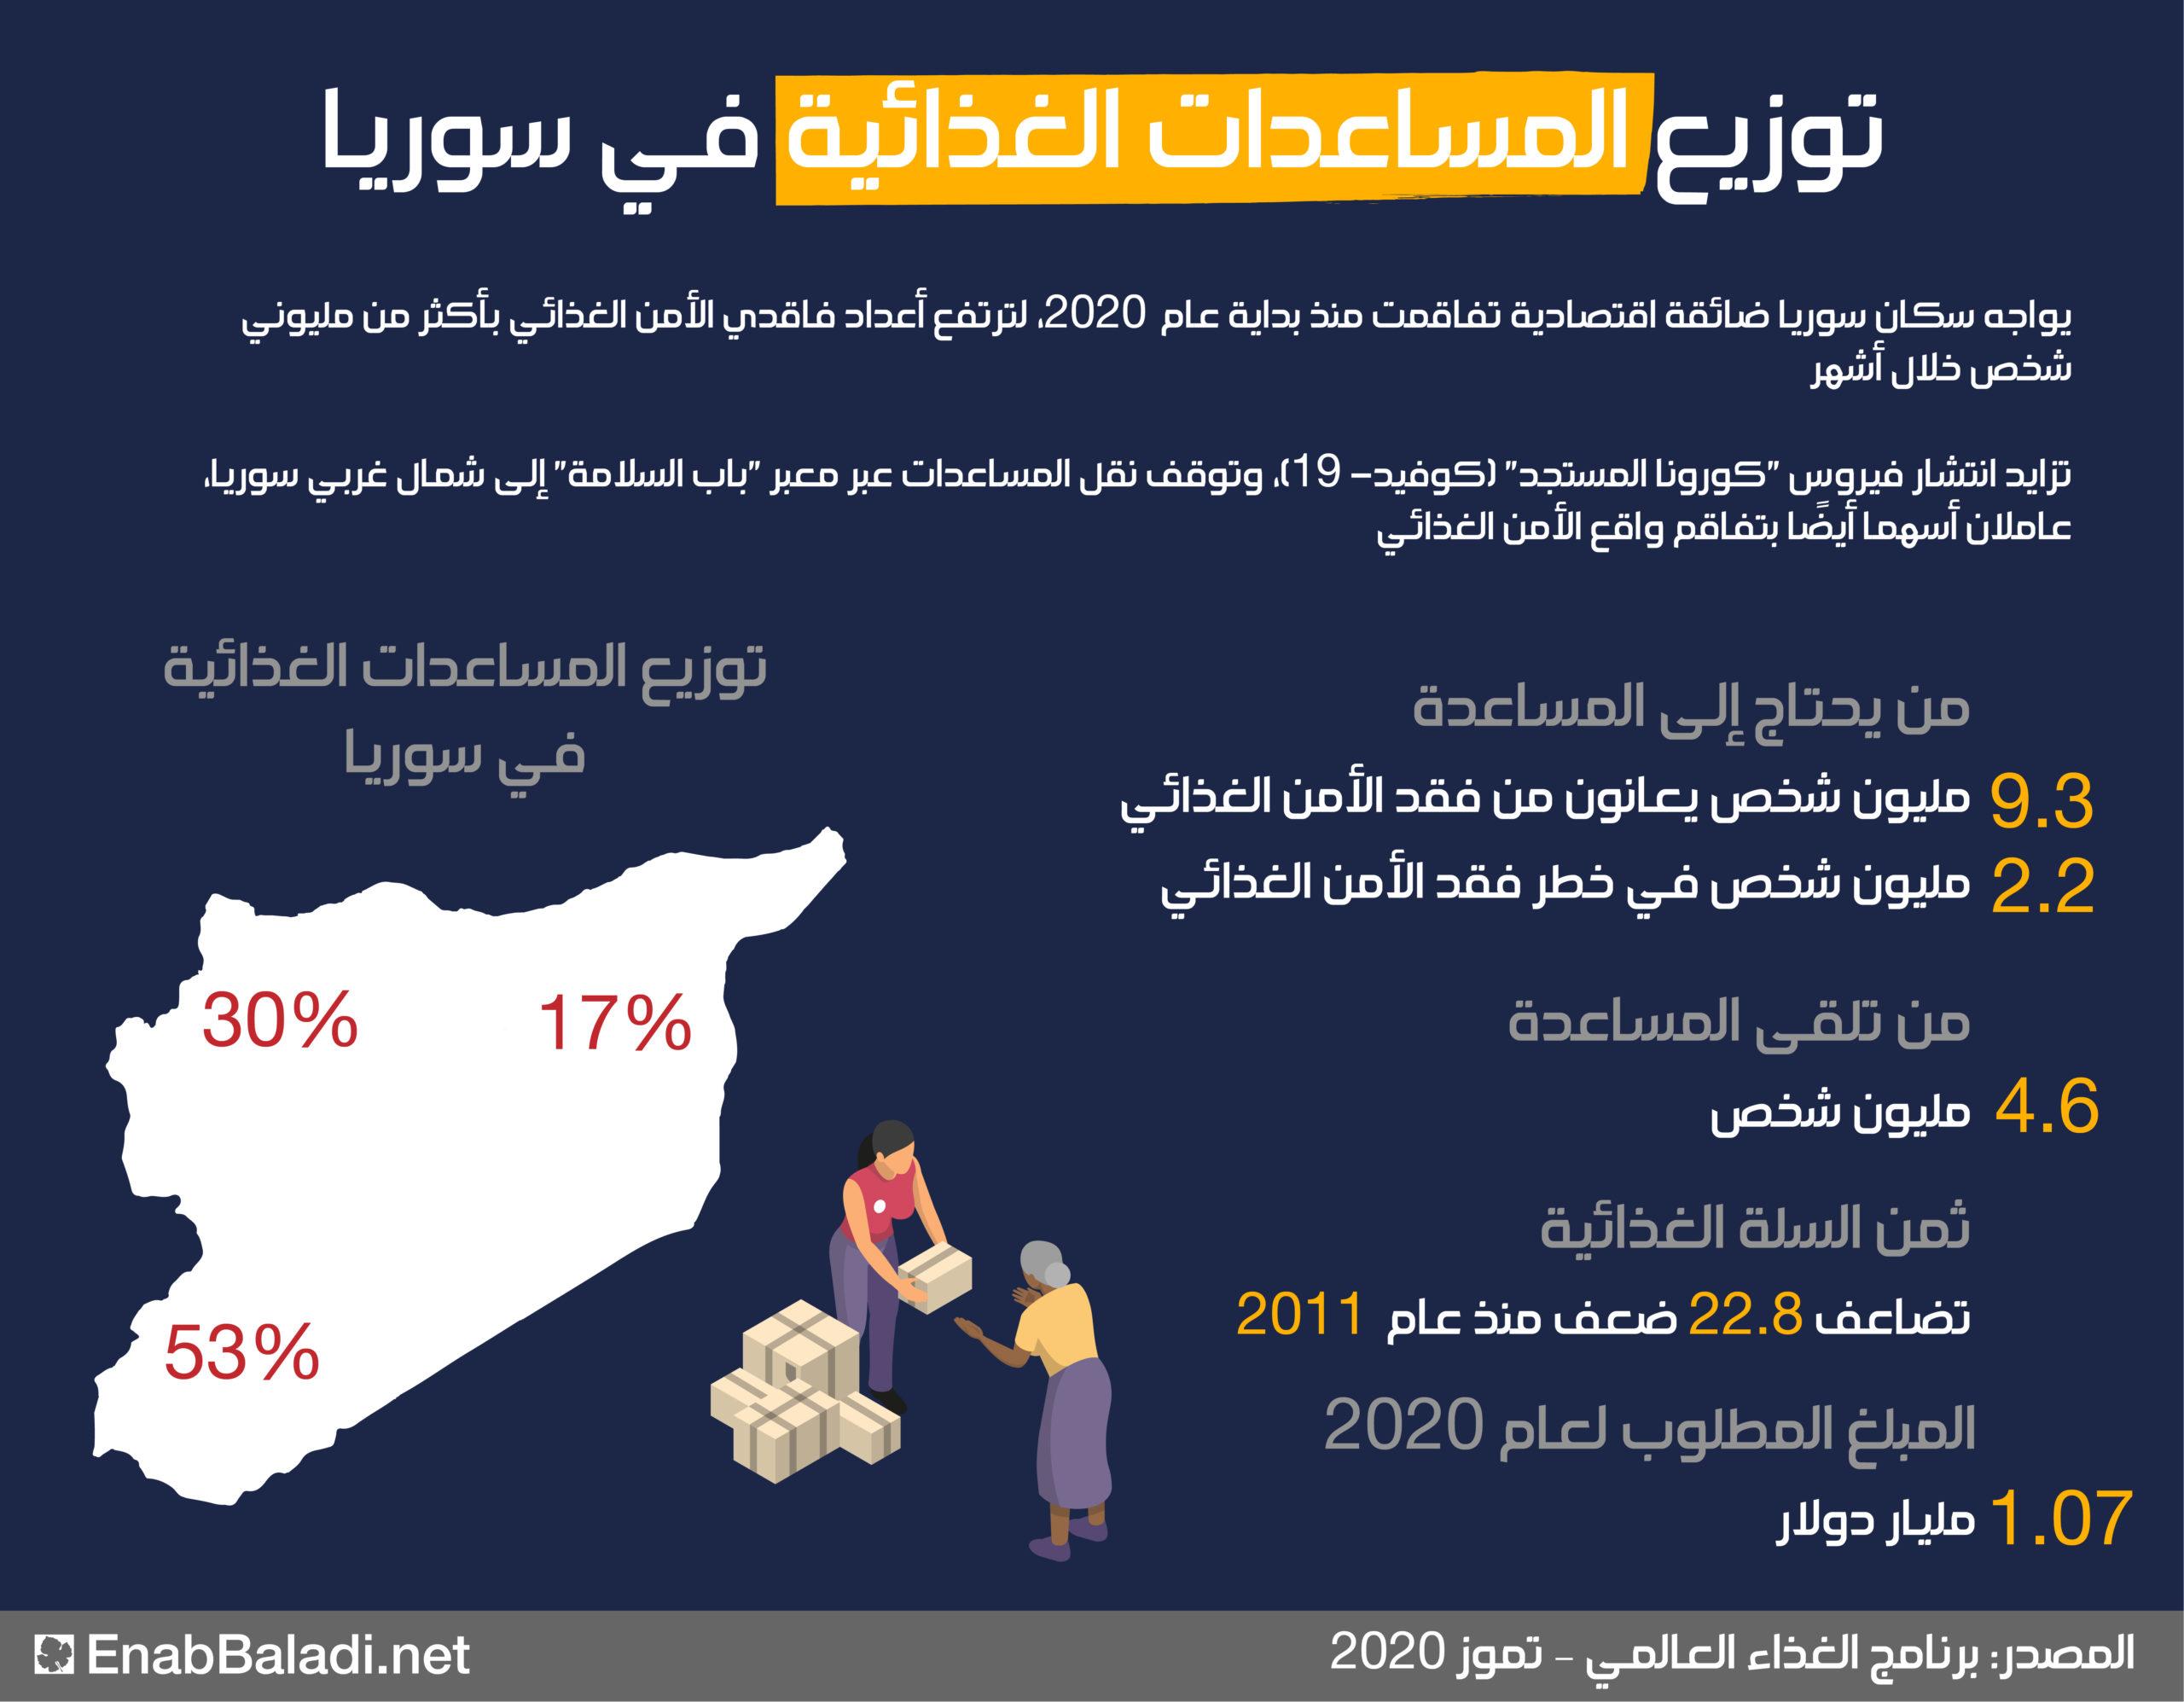 إنفوغراف يوضح من يحجتاج للمساعدة الغذائية في سوريا (عنب بلدي)